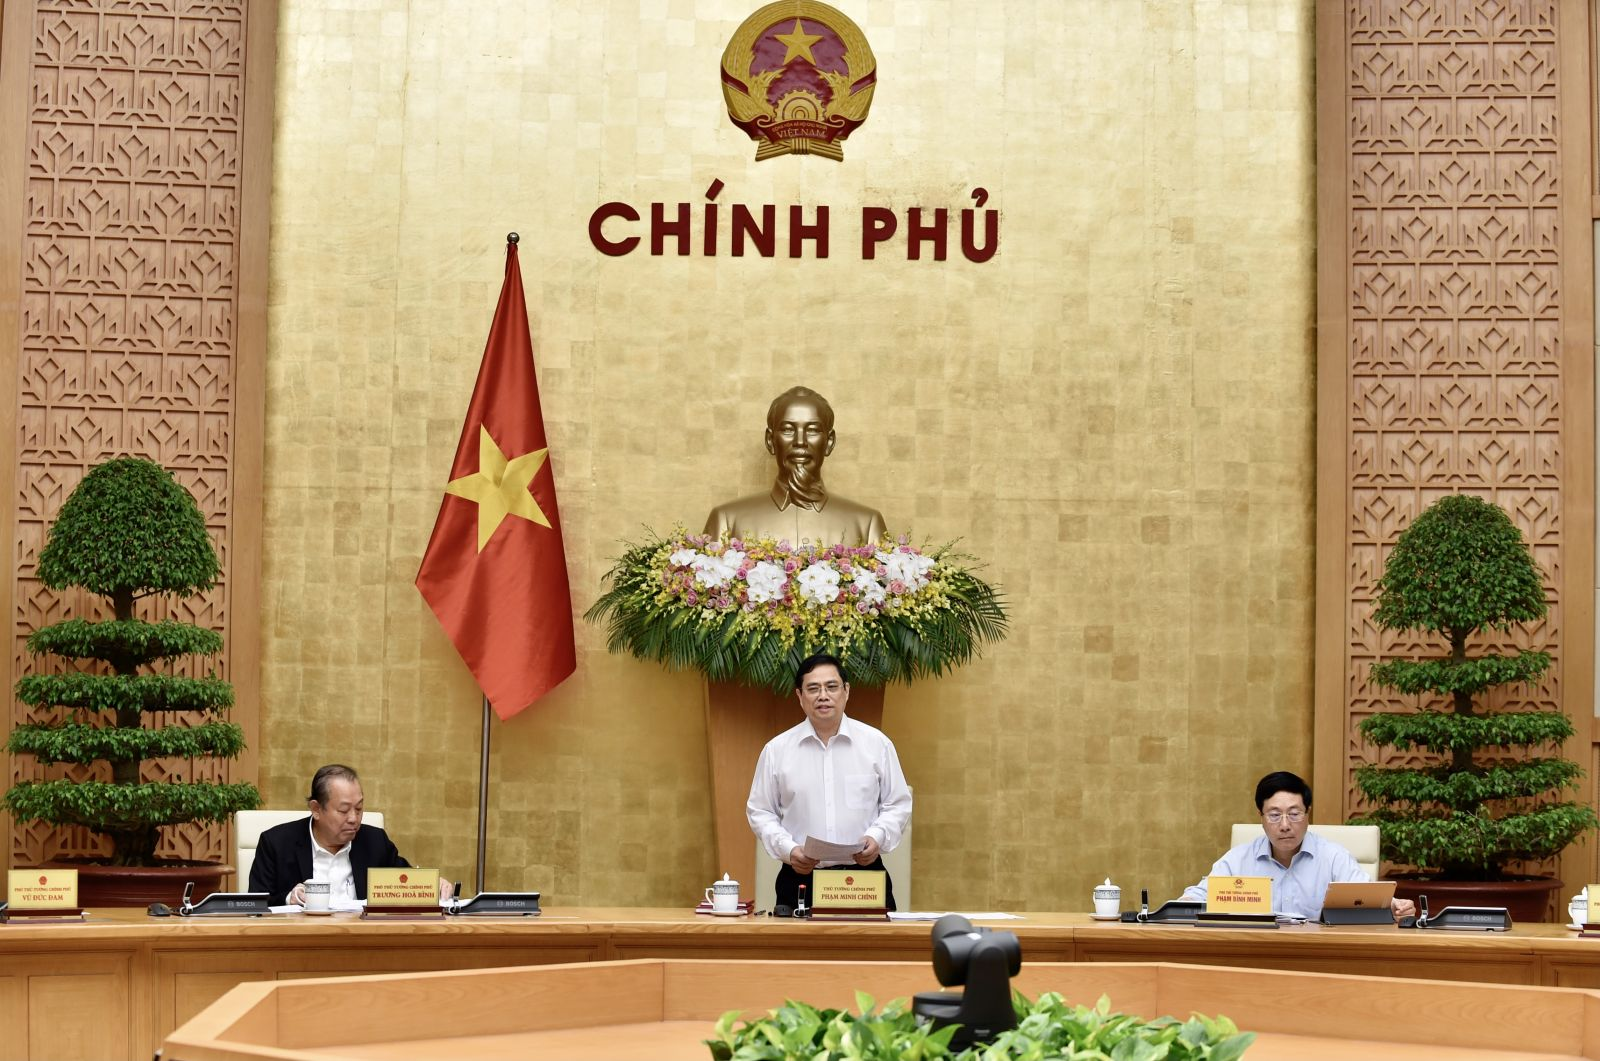 Thủ tướng Phạm Minh Chính chủ trì phiên họp Chính phủ ngày 15-4-2021. Ảnh: VGP/Nhật Bắc